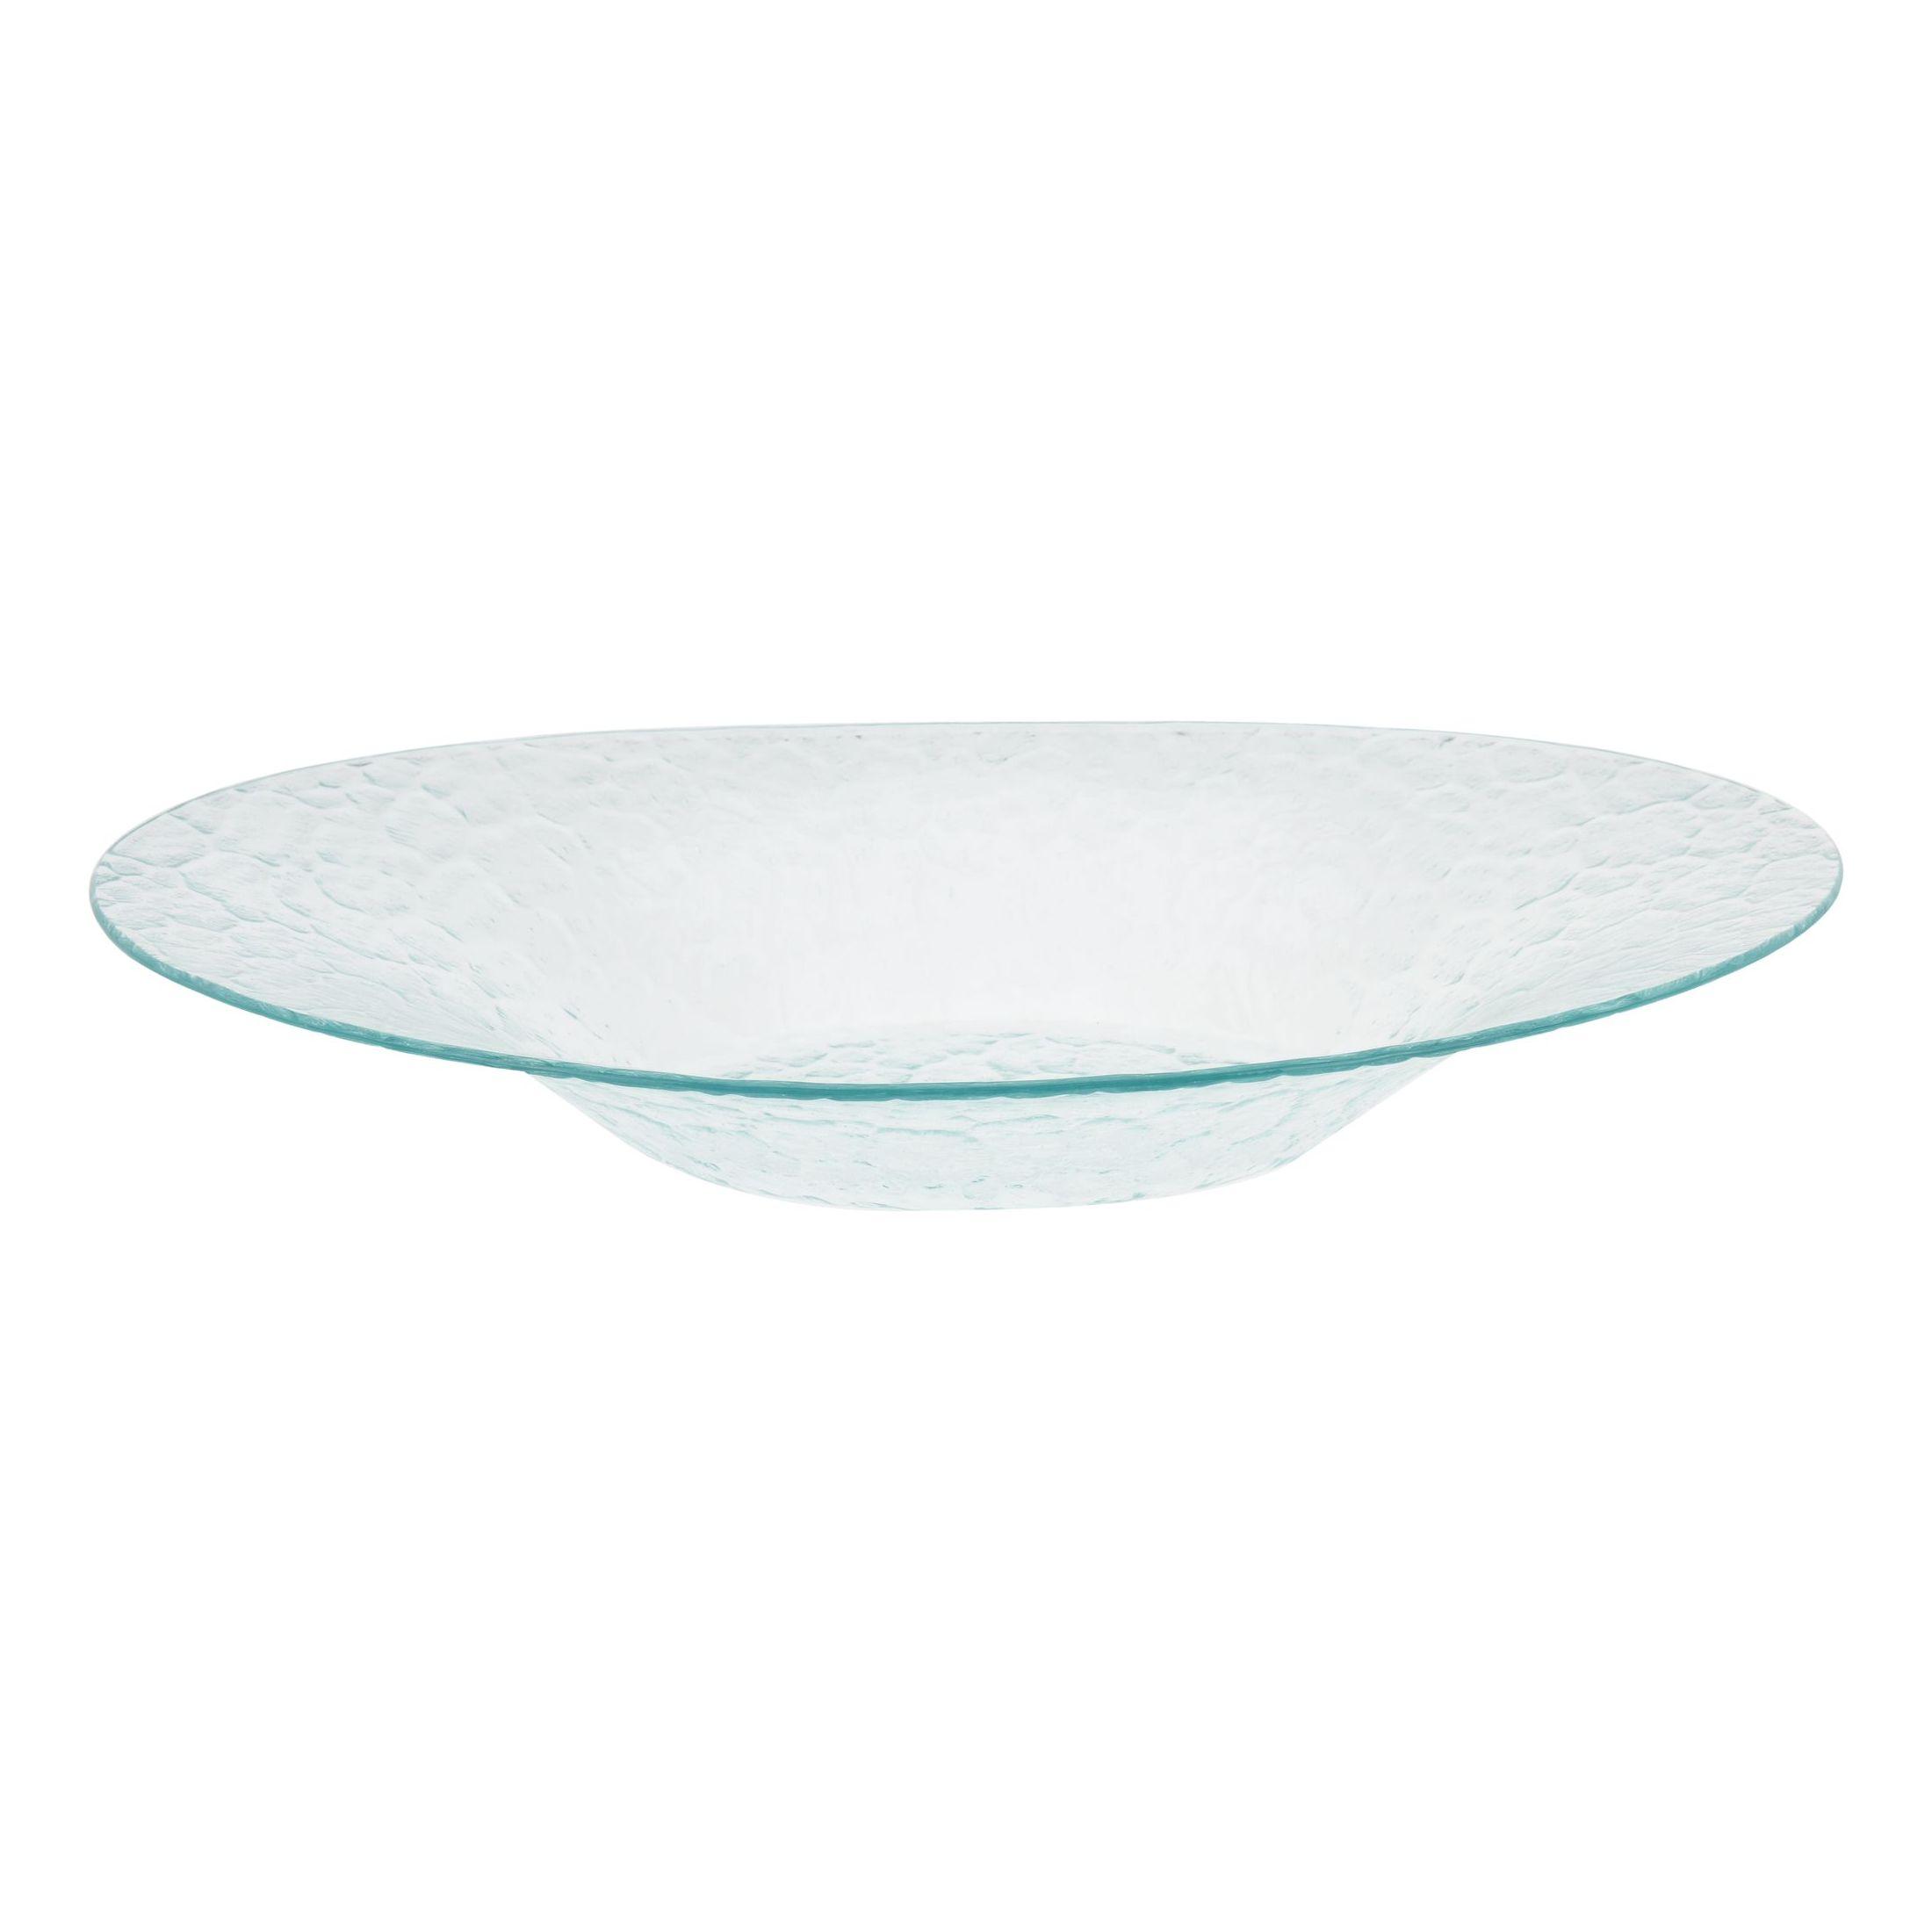 Тарелка сервировочнаяЭта сервировочная тарелка подойдет для оформления повседневного или праздничного стола. Модель характеризуется вместительностью, а за счет широких бортиков содержимое тарелки не прольется на стол. Изделие легко моется и изготавливается из прочного прозрачного стекла – материала, безопасного для людей и окружающей среды.Модель украшает стильный узор, который впишется в интерьер каждой кухни и подойдет к имеющемуся комплекту посуды. Сервировочная тарелка Excellent Houseware популярна среди покупателей и получила немало положительных отзывов.<br>